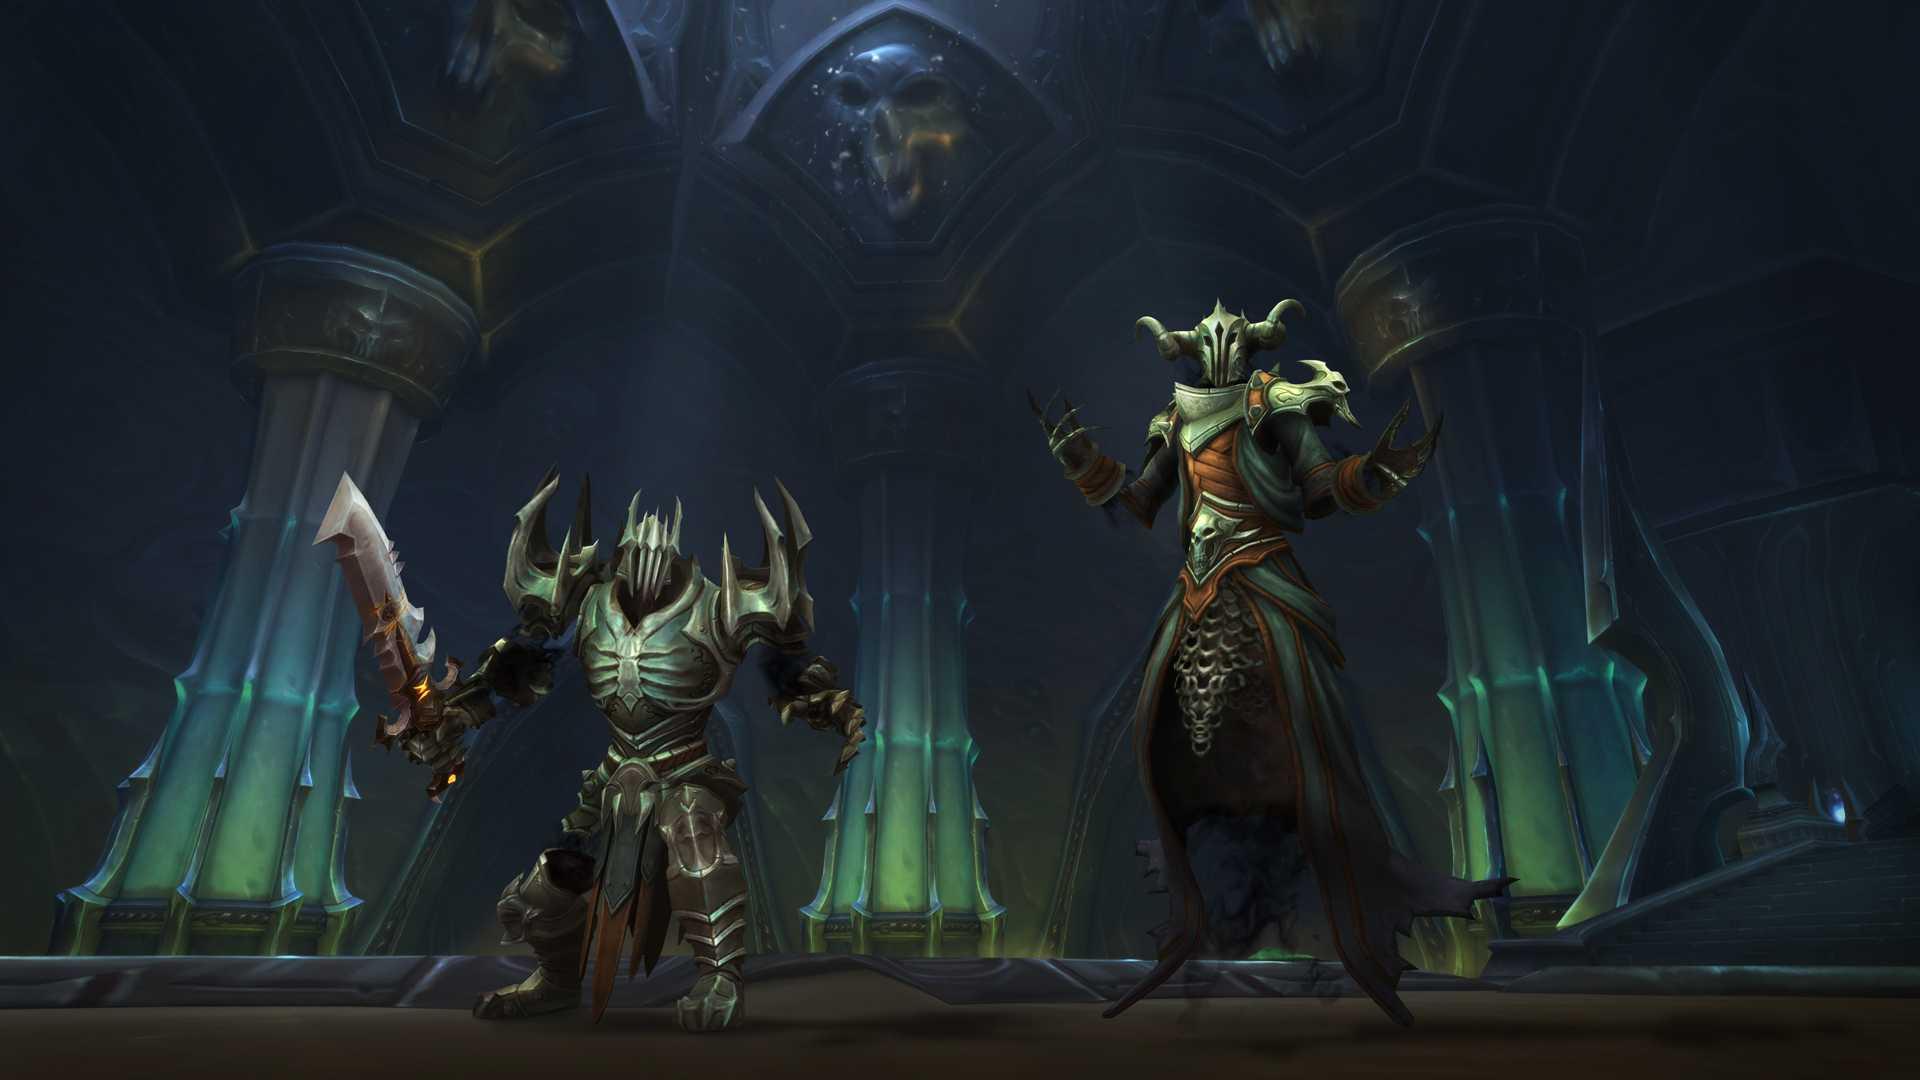 Подземелье в жанре roguelike в World of Warcraft подвергается капитальному ремонту, поэтому если вы его не пройдете, это не испортит вам ночь.